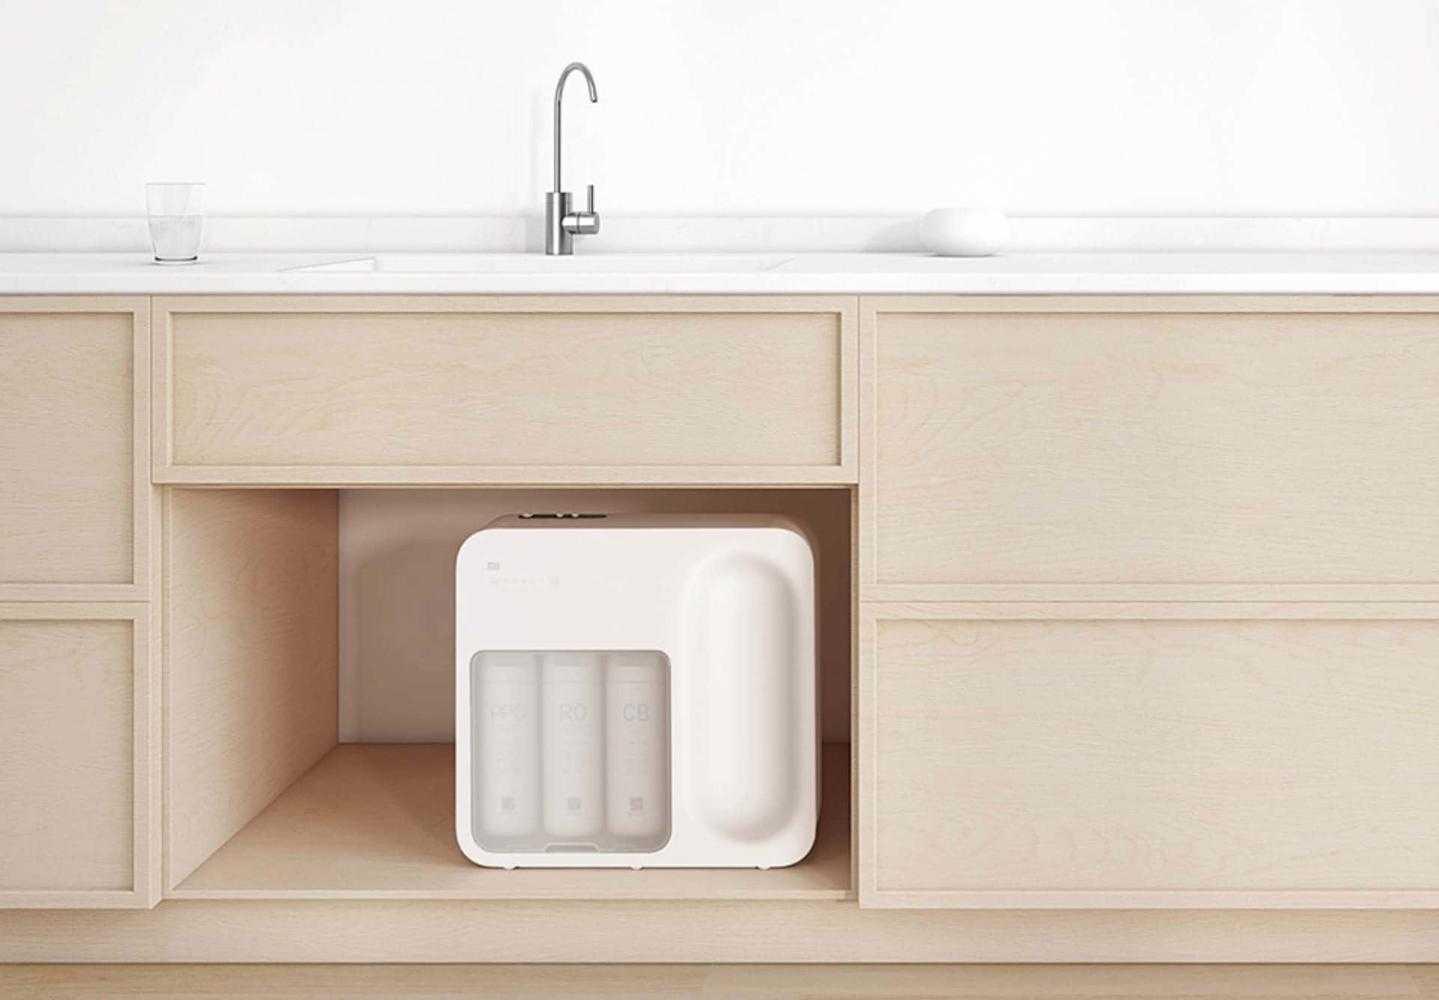 Китайская компания Xiaomi анонсировала новый очиститель воды получивший название Mi Water Purifier